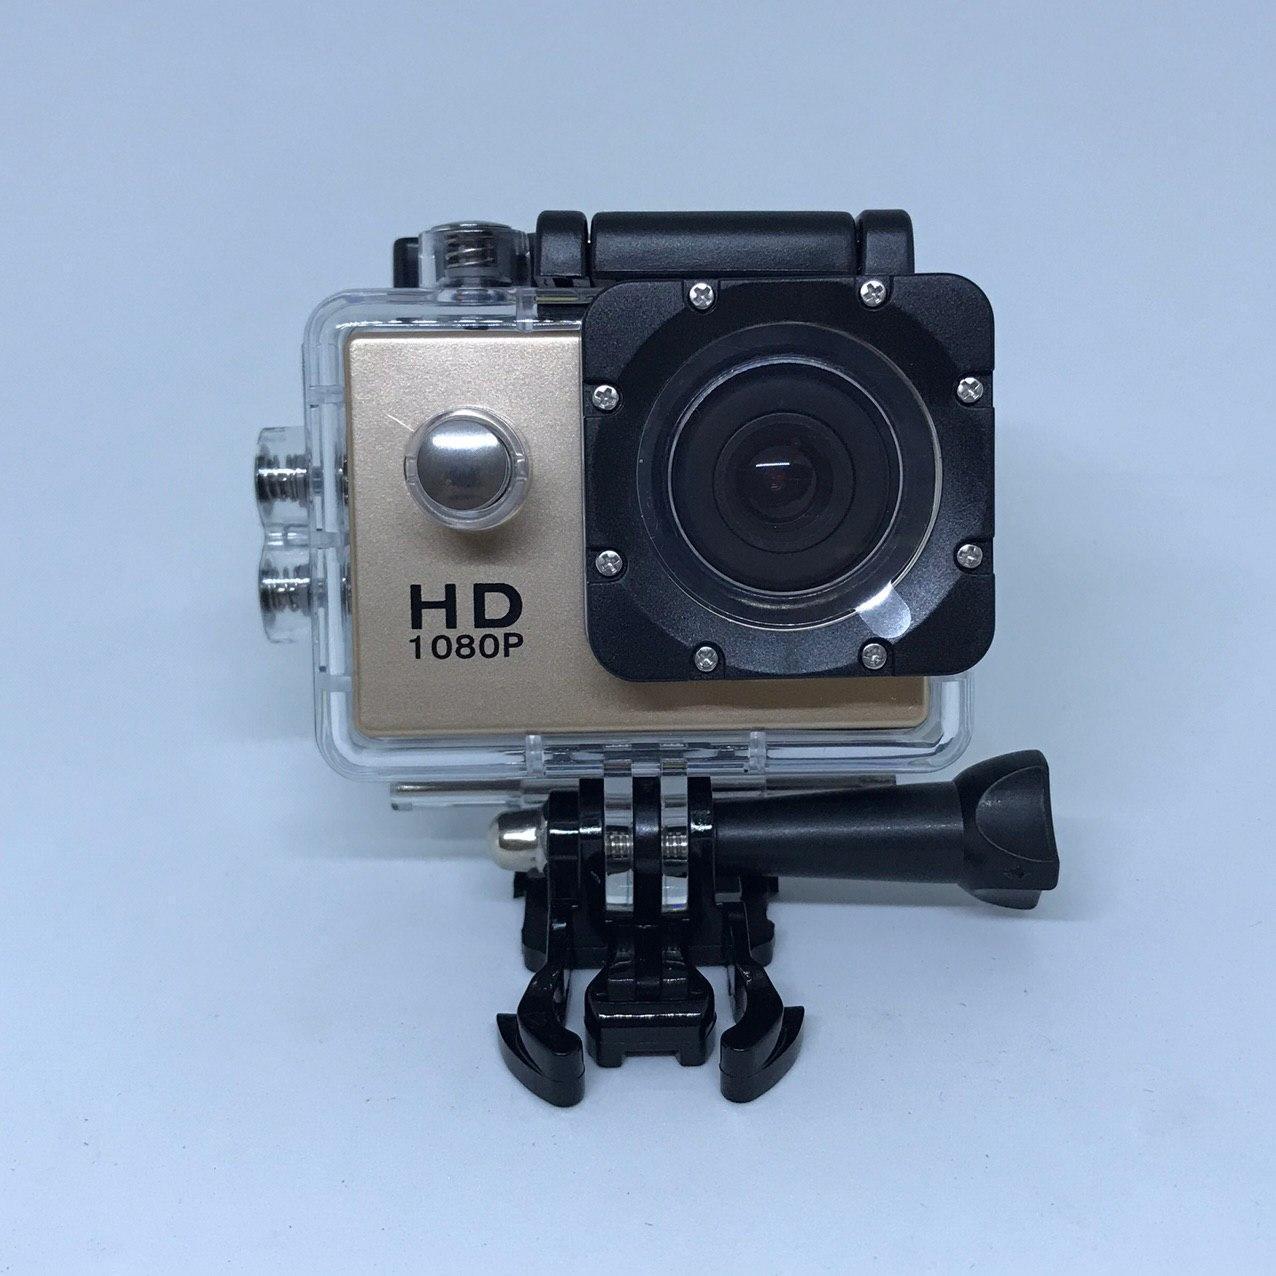 Відеокамера Екшн камера Action Camera D600 з боксом і кріпленнями Золото